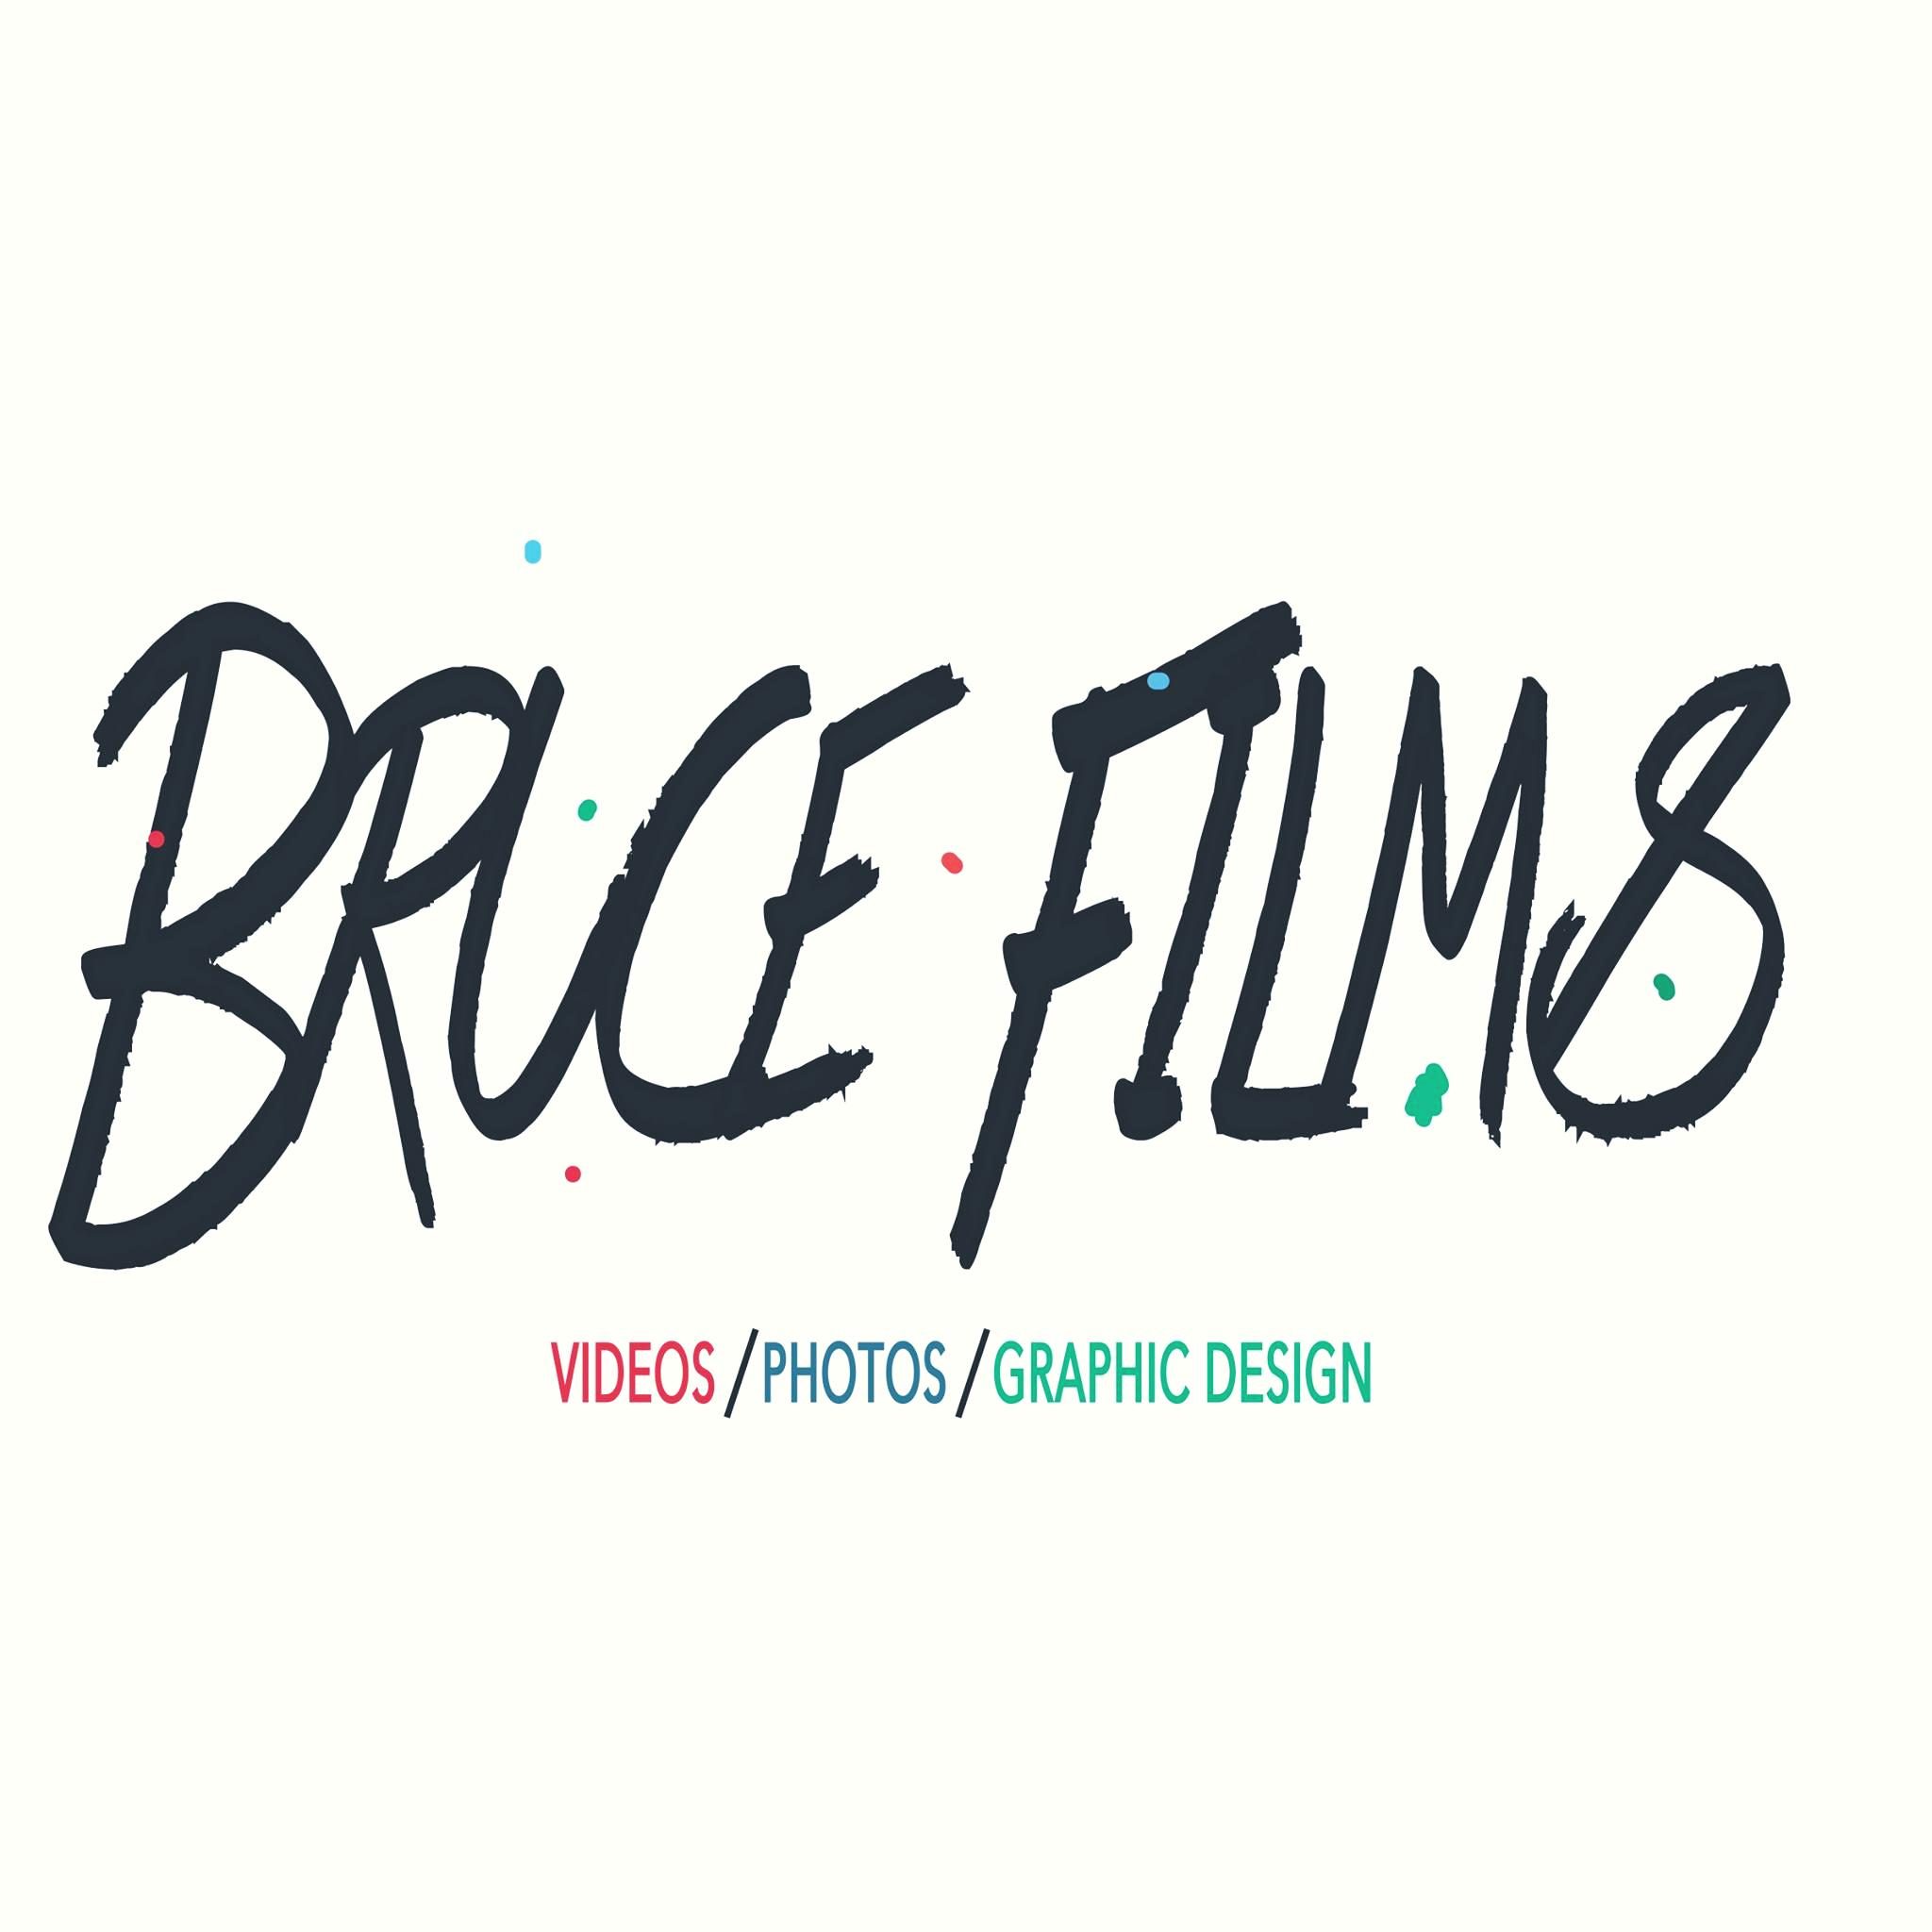 Bruce films Logo